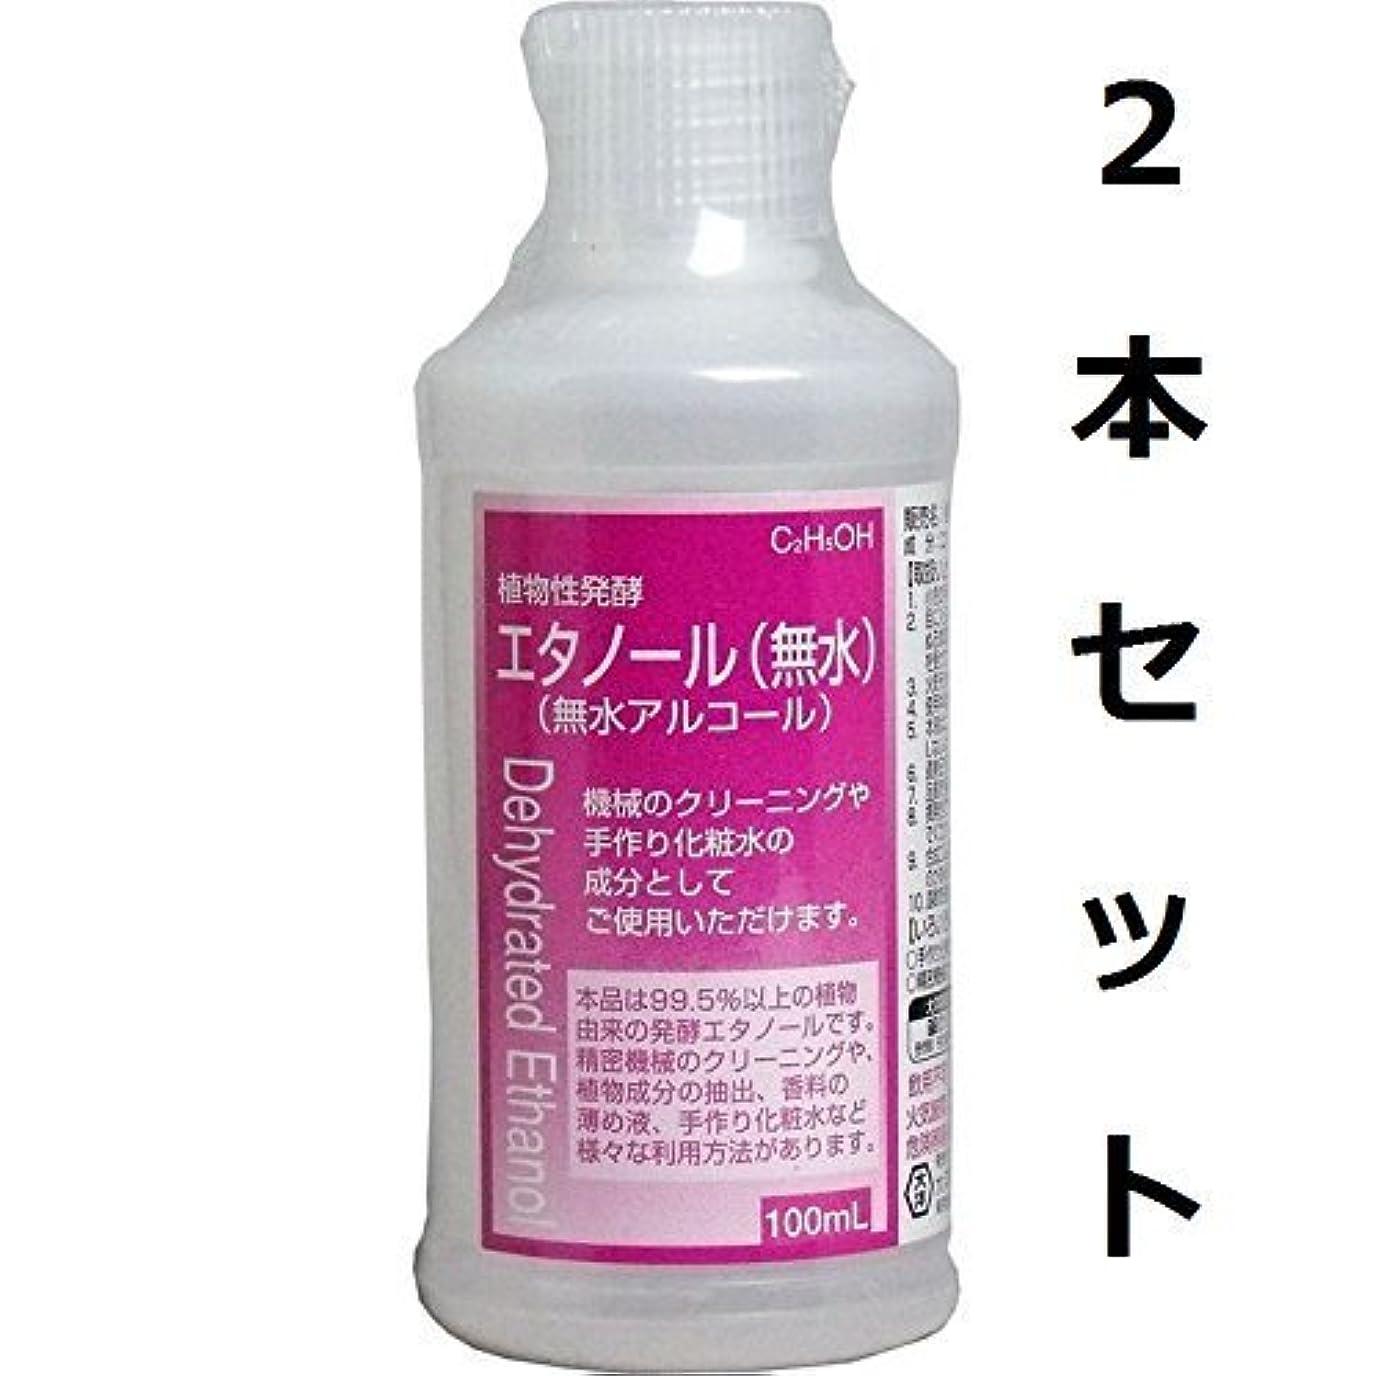 掃く封建安全でない香料の薄め液に 植物性発酵エタノール(無水エタノール) 100mL 2本セット by 大洋製薬